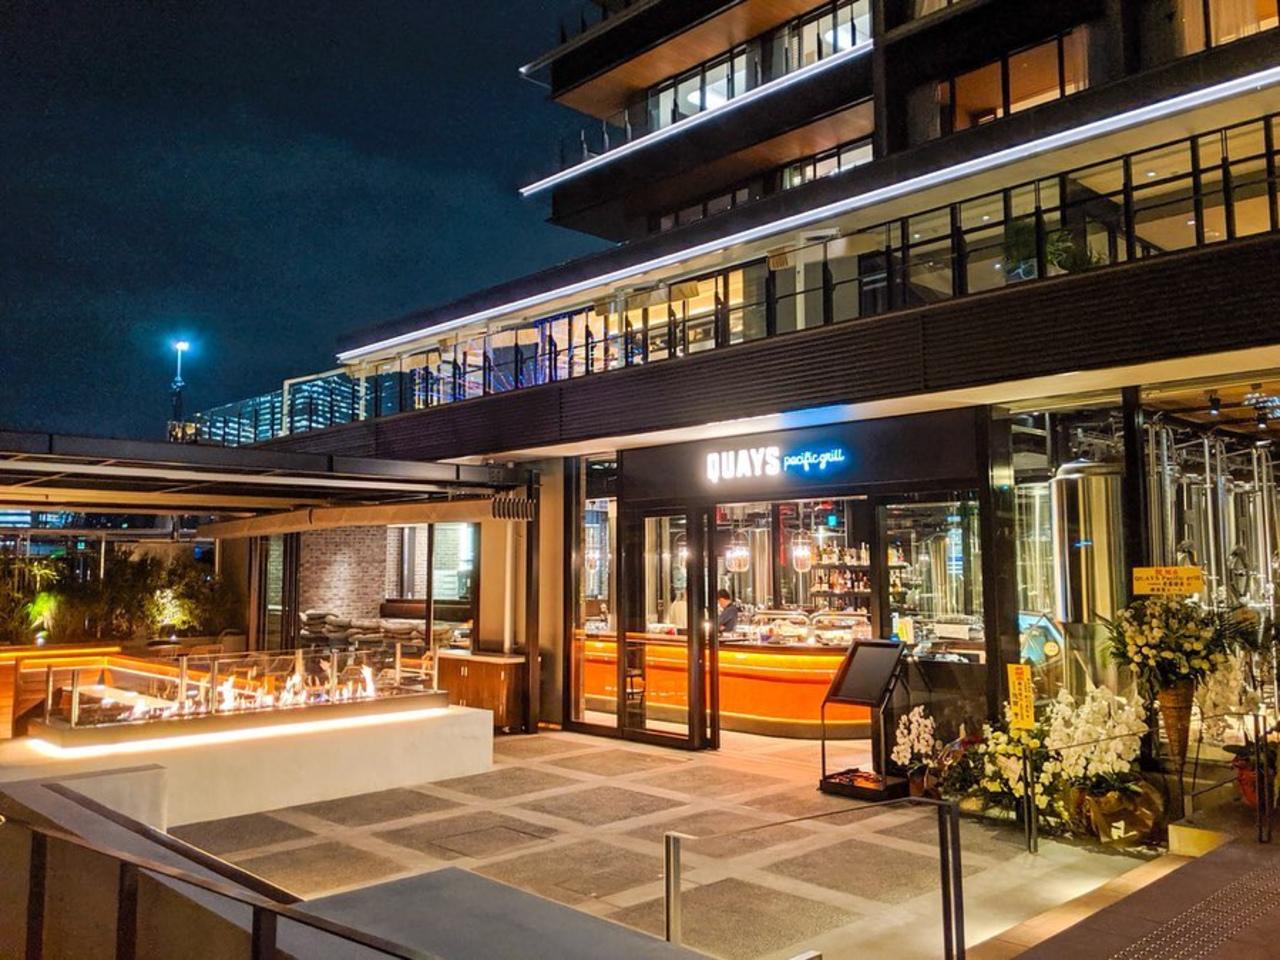 祝!10/31open『Quays pacific Grill』restaurant(横浜市中区)